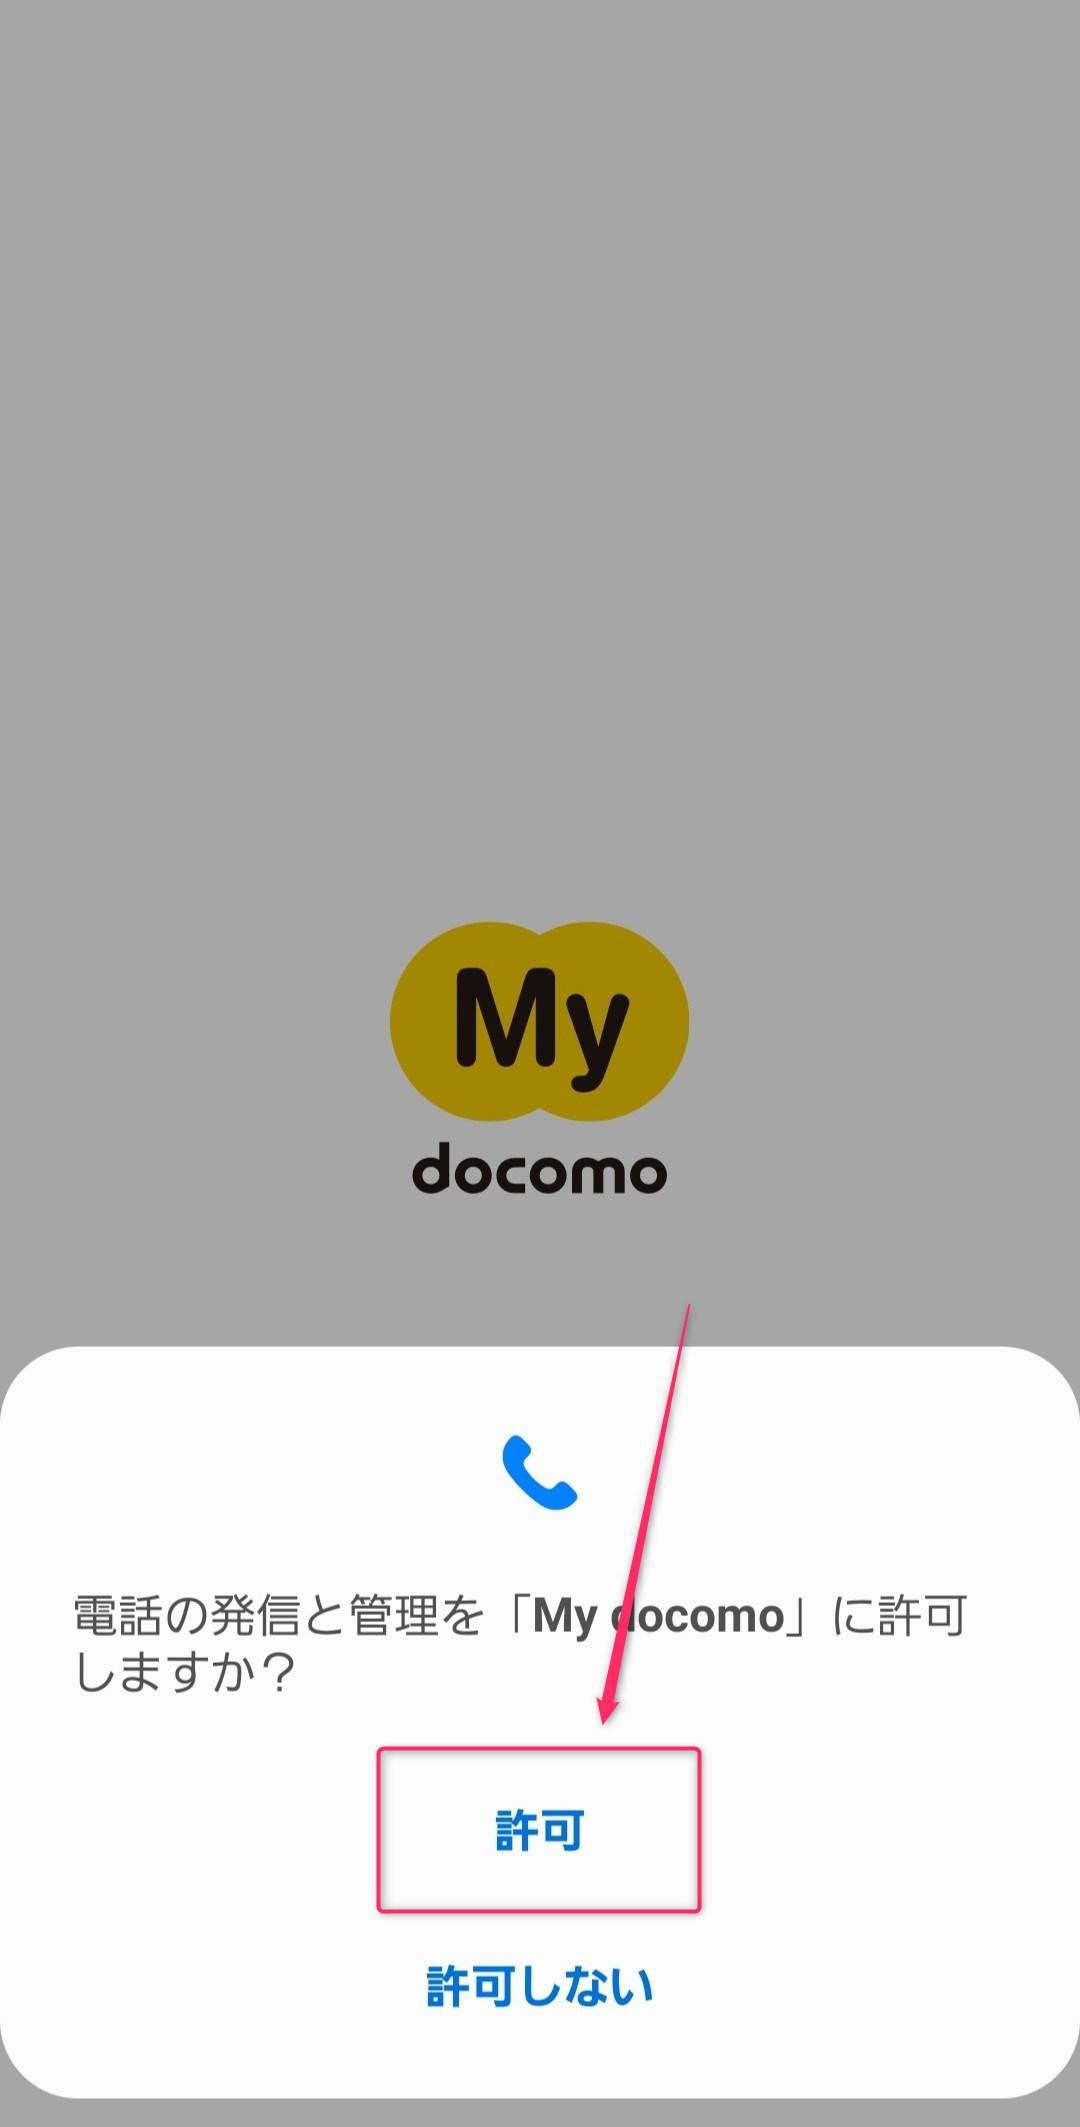 マイドコモアプリ